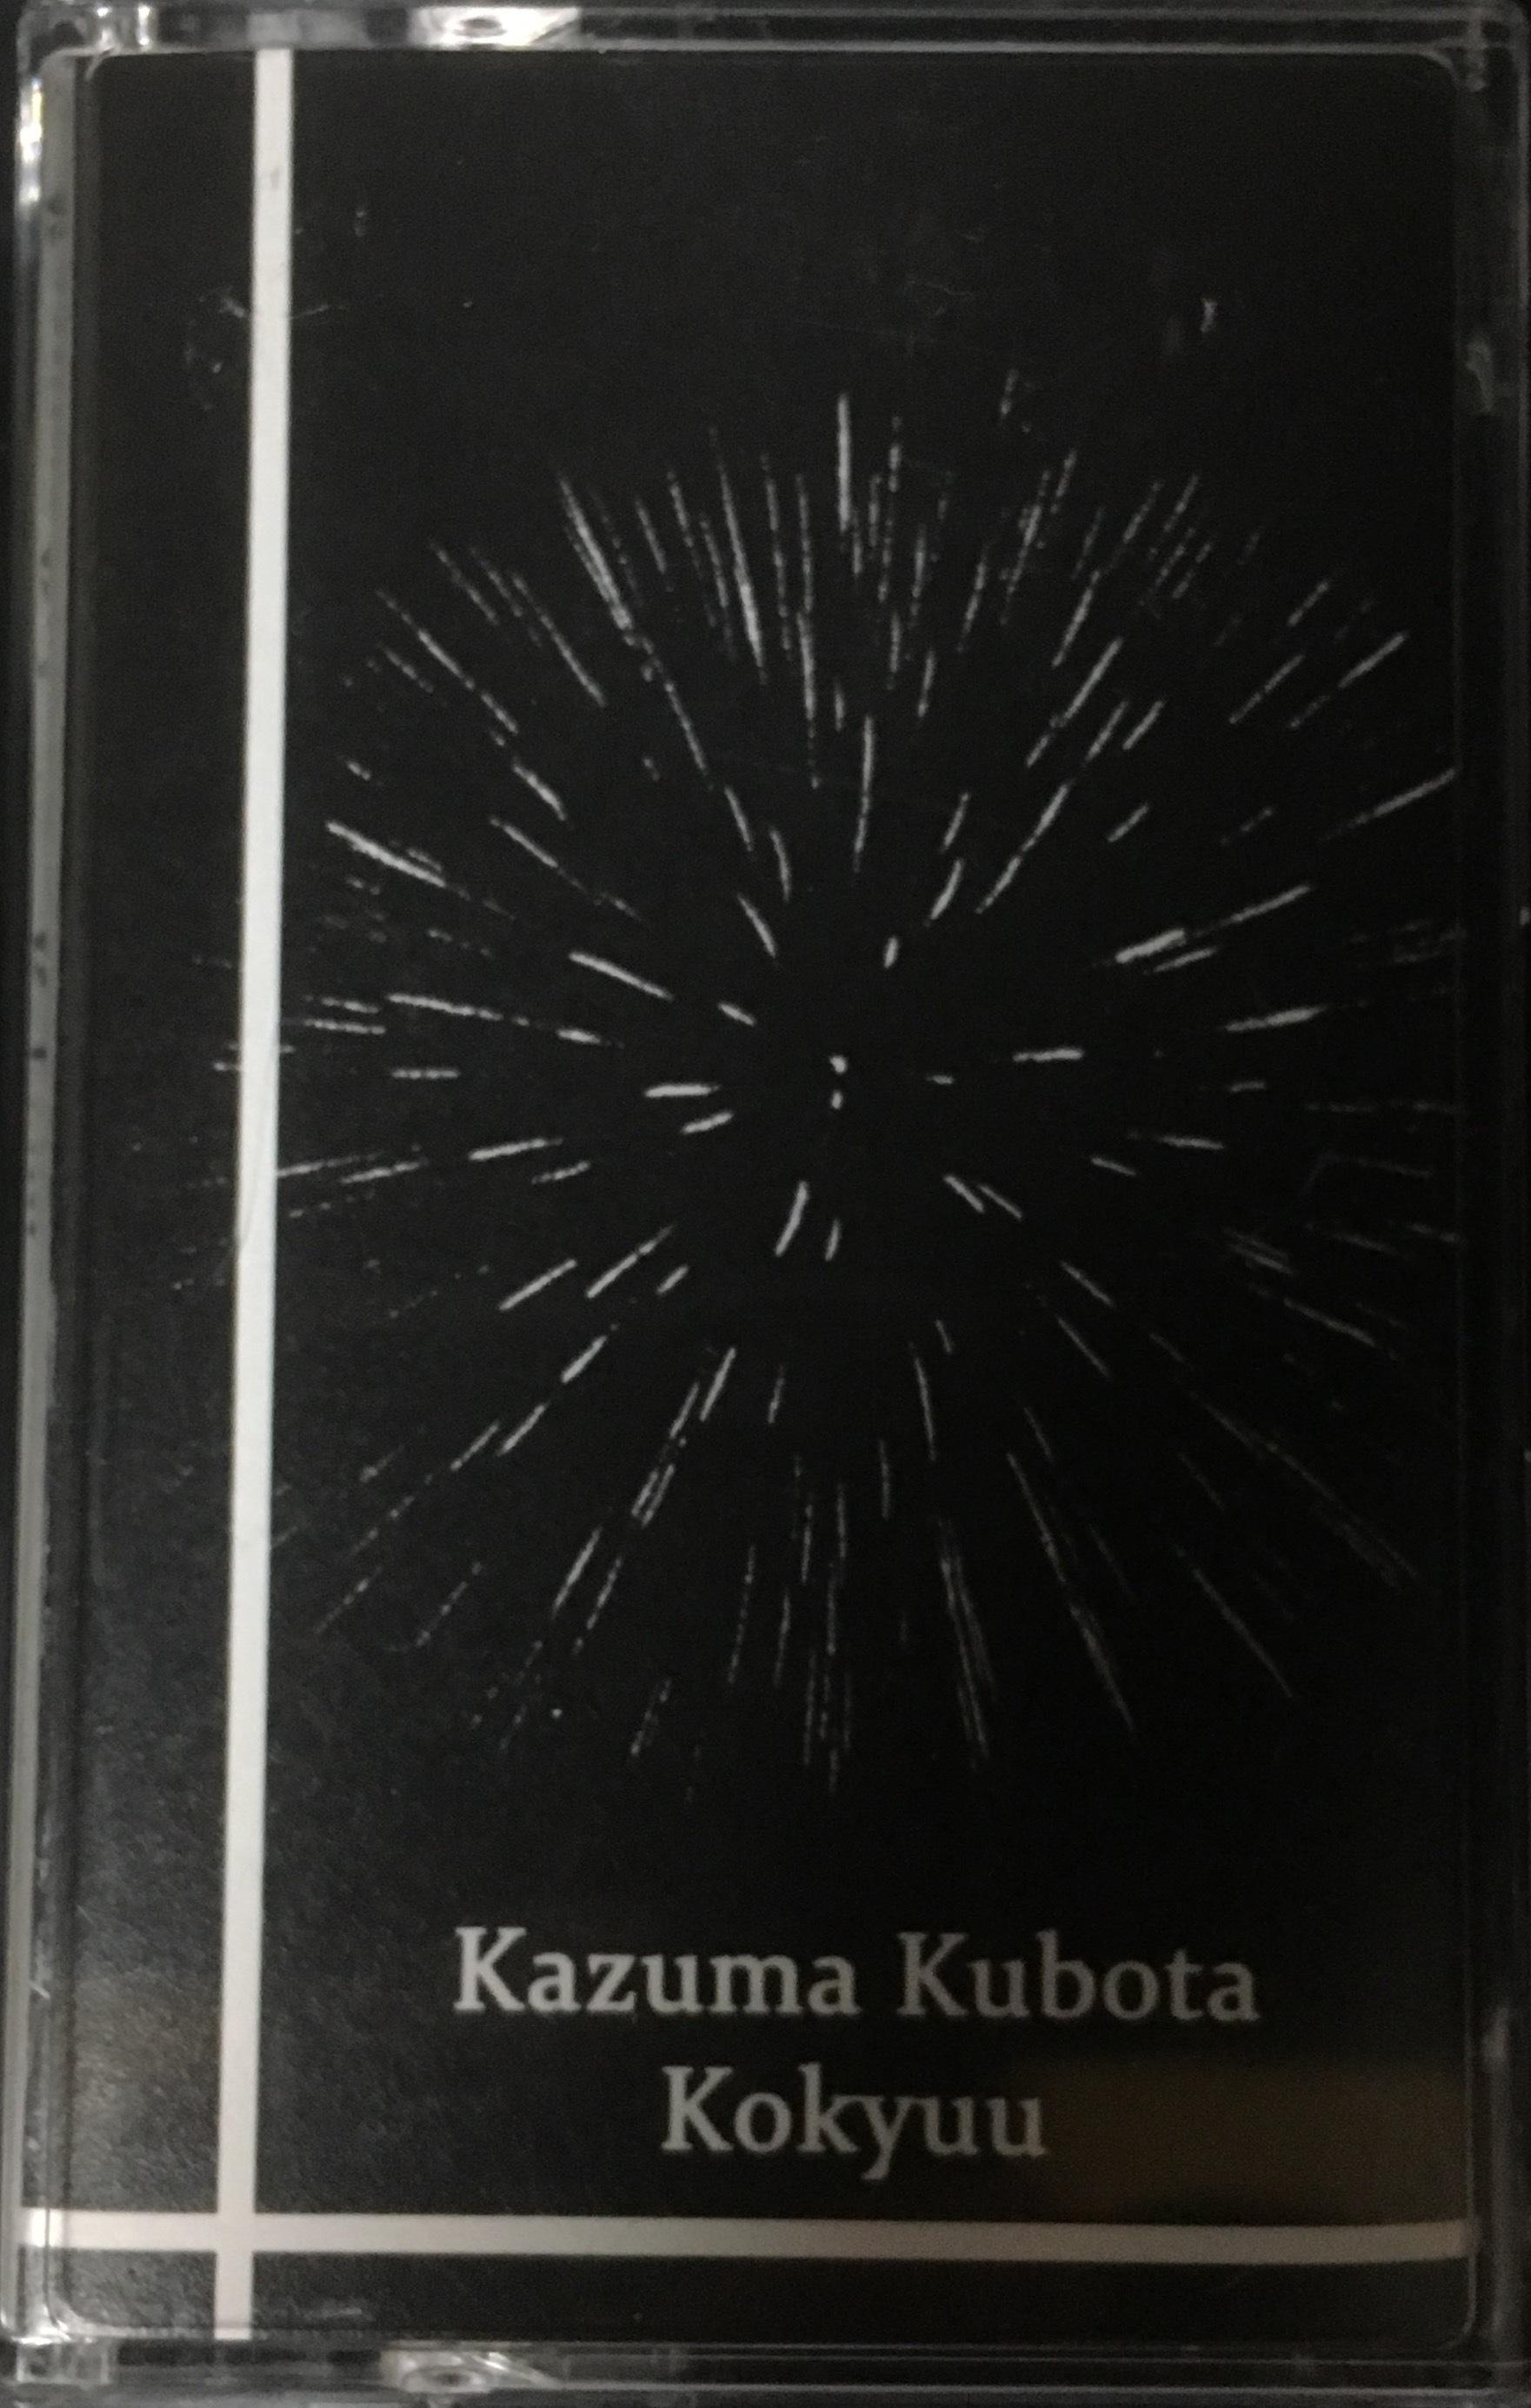 Kazuma Kubota – Kokyuu(C15)